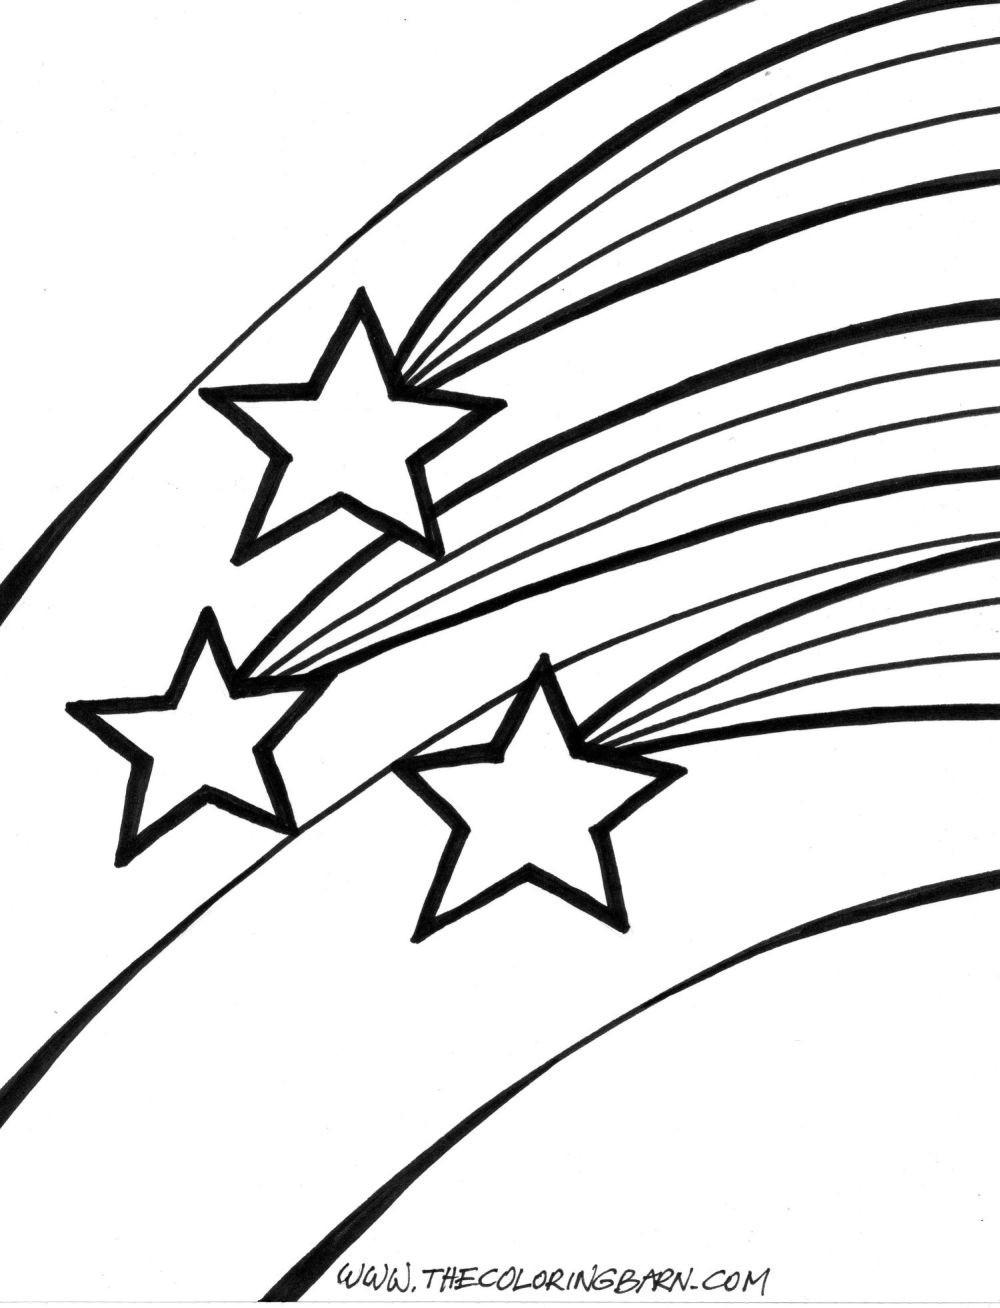 Sternschnuppe Vorlage Zum Ausdrucken Einzigartig Ausmalbilder Sternschnuppe Neu sonne Vorlagen Zum Ausdrucken Gallery Bild